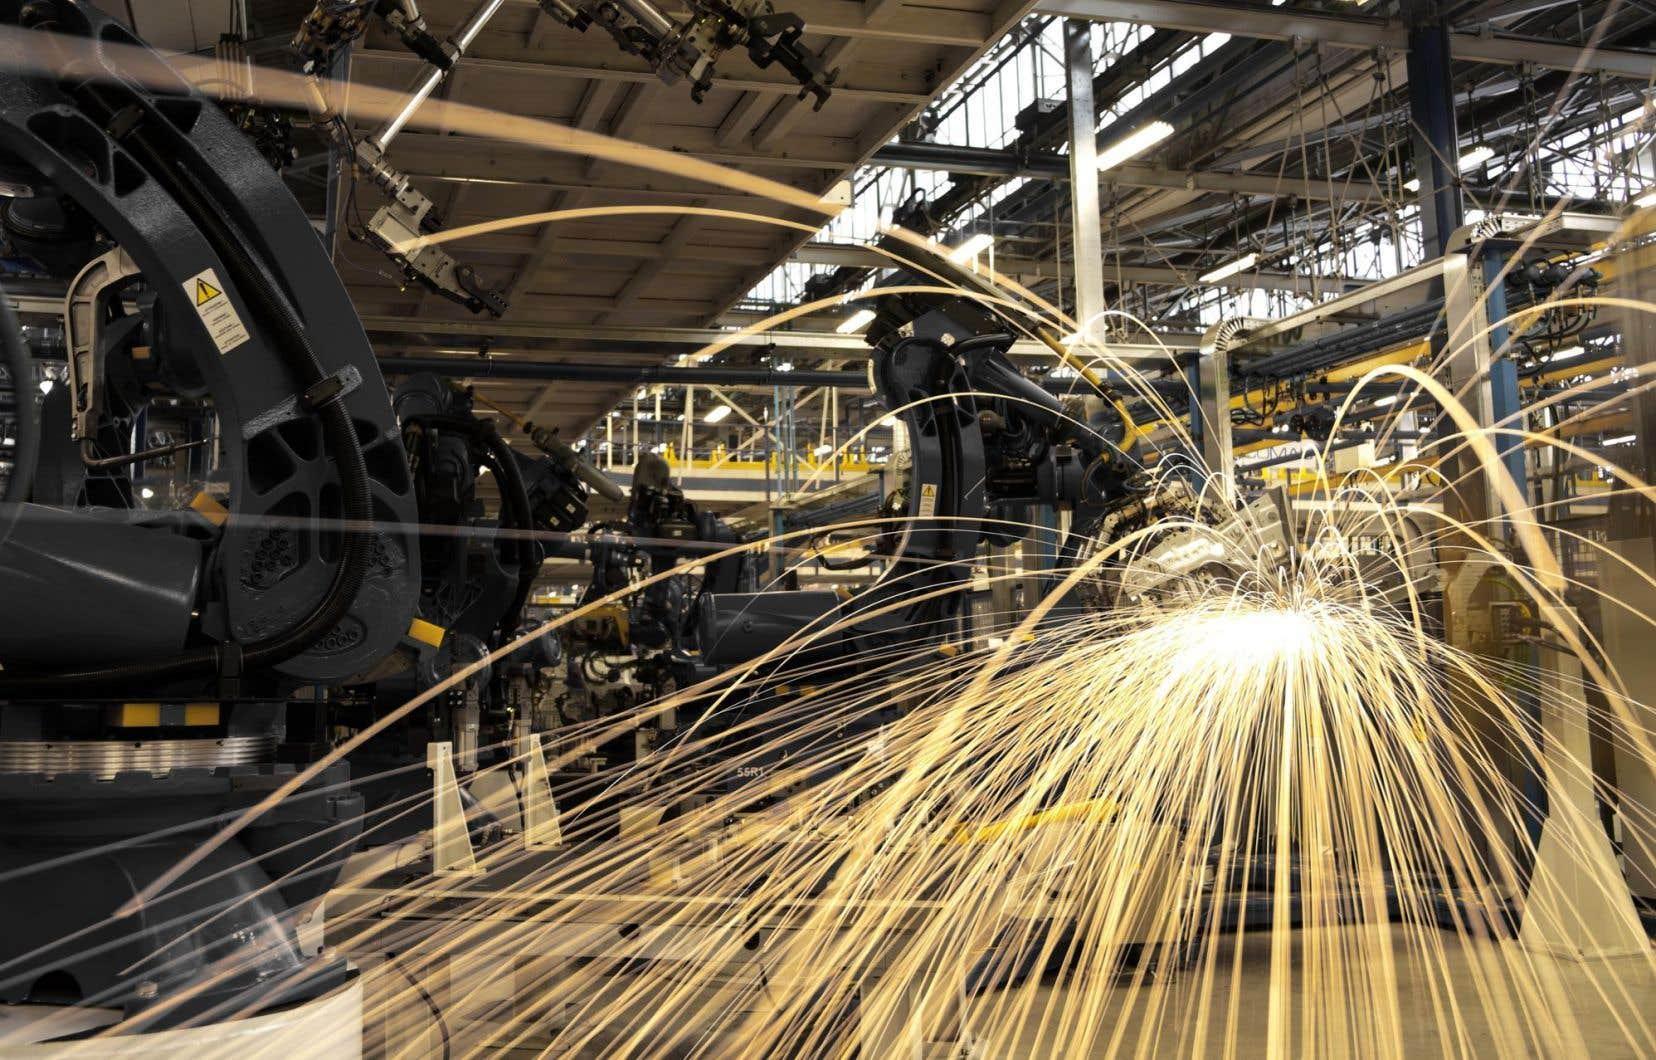 La quatrième révolution industrielle s'appuie sur la force d'Internet, de l'automatisation et de l'analyse de données.